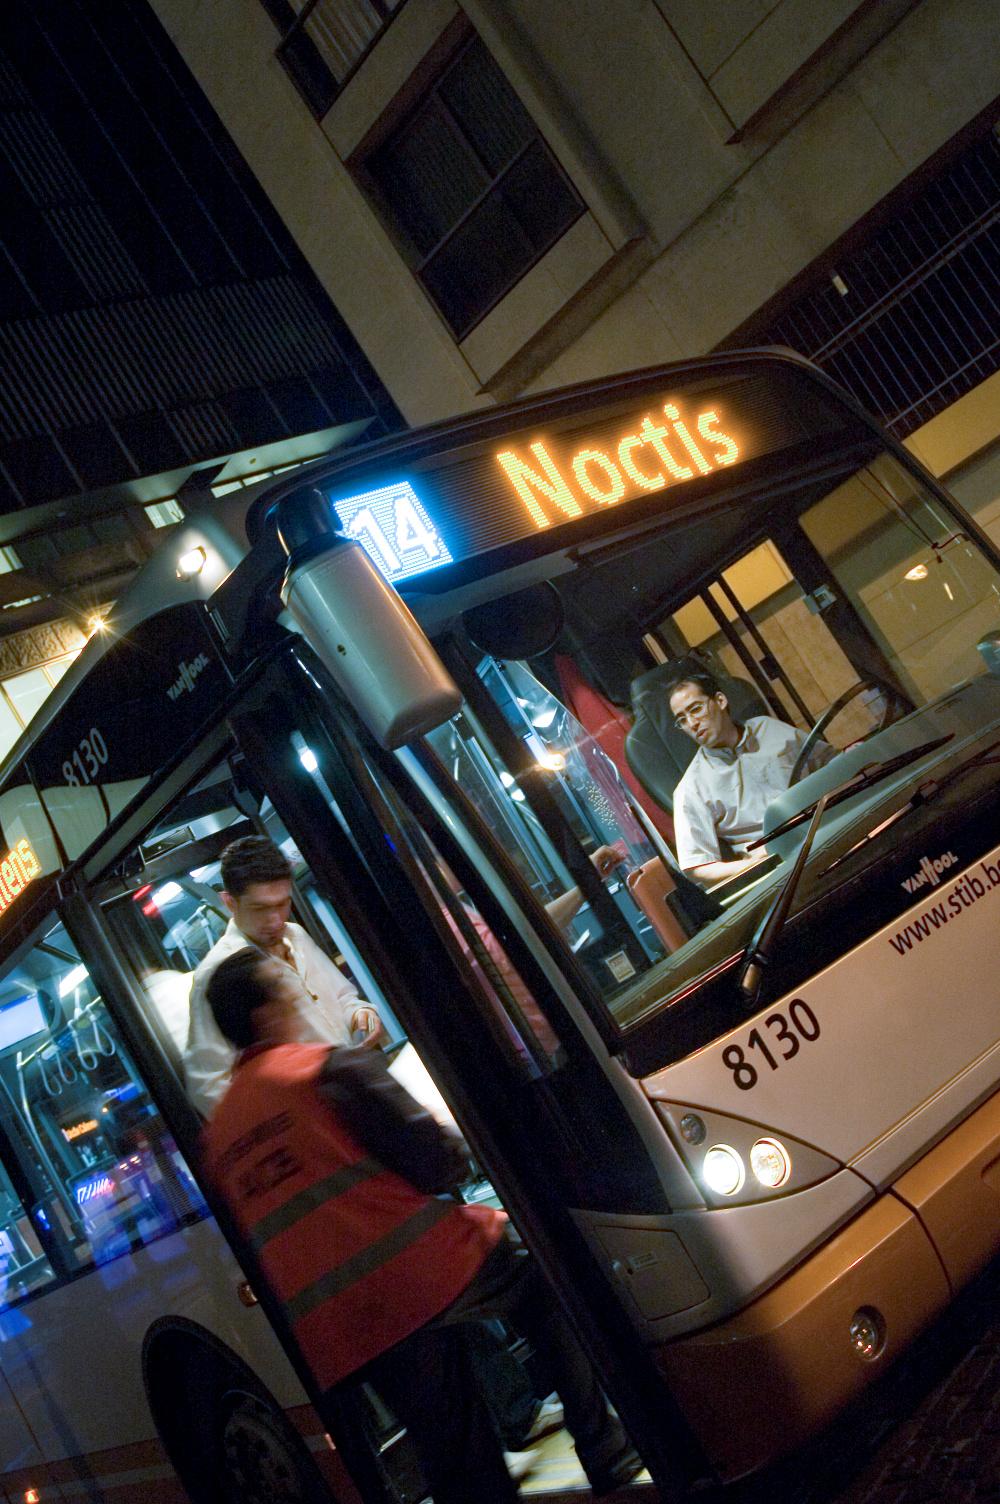 Noctis 3